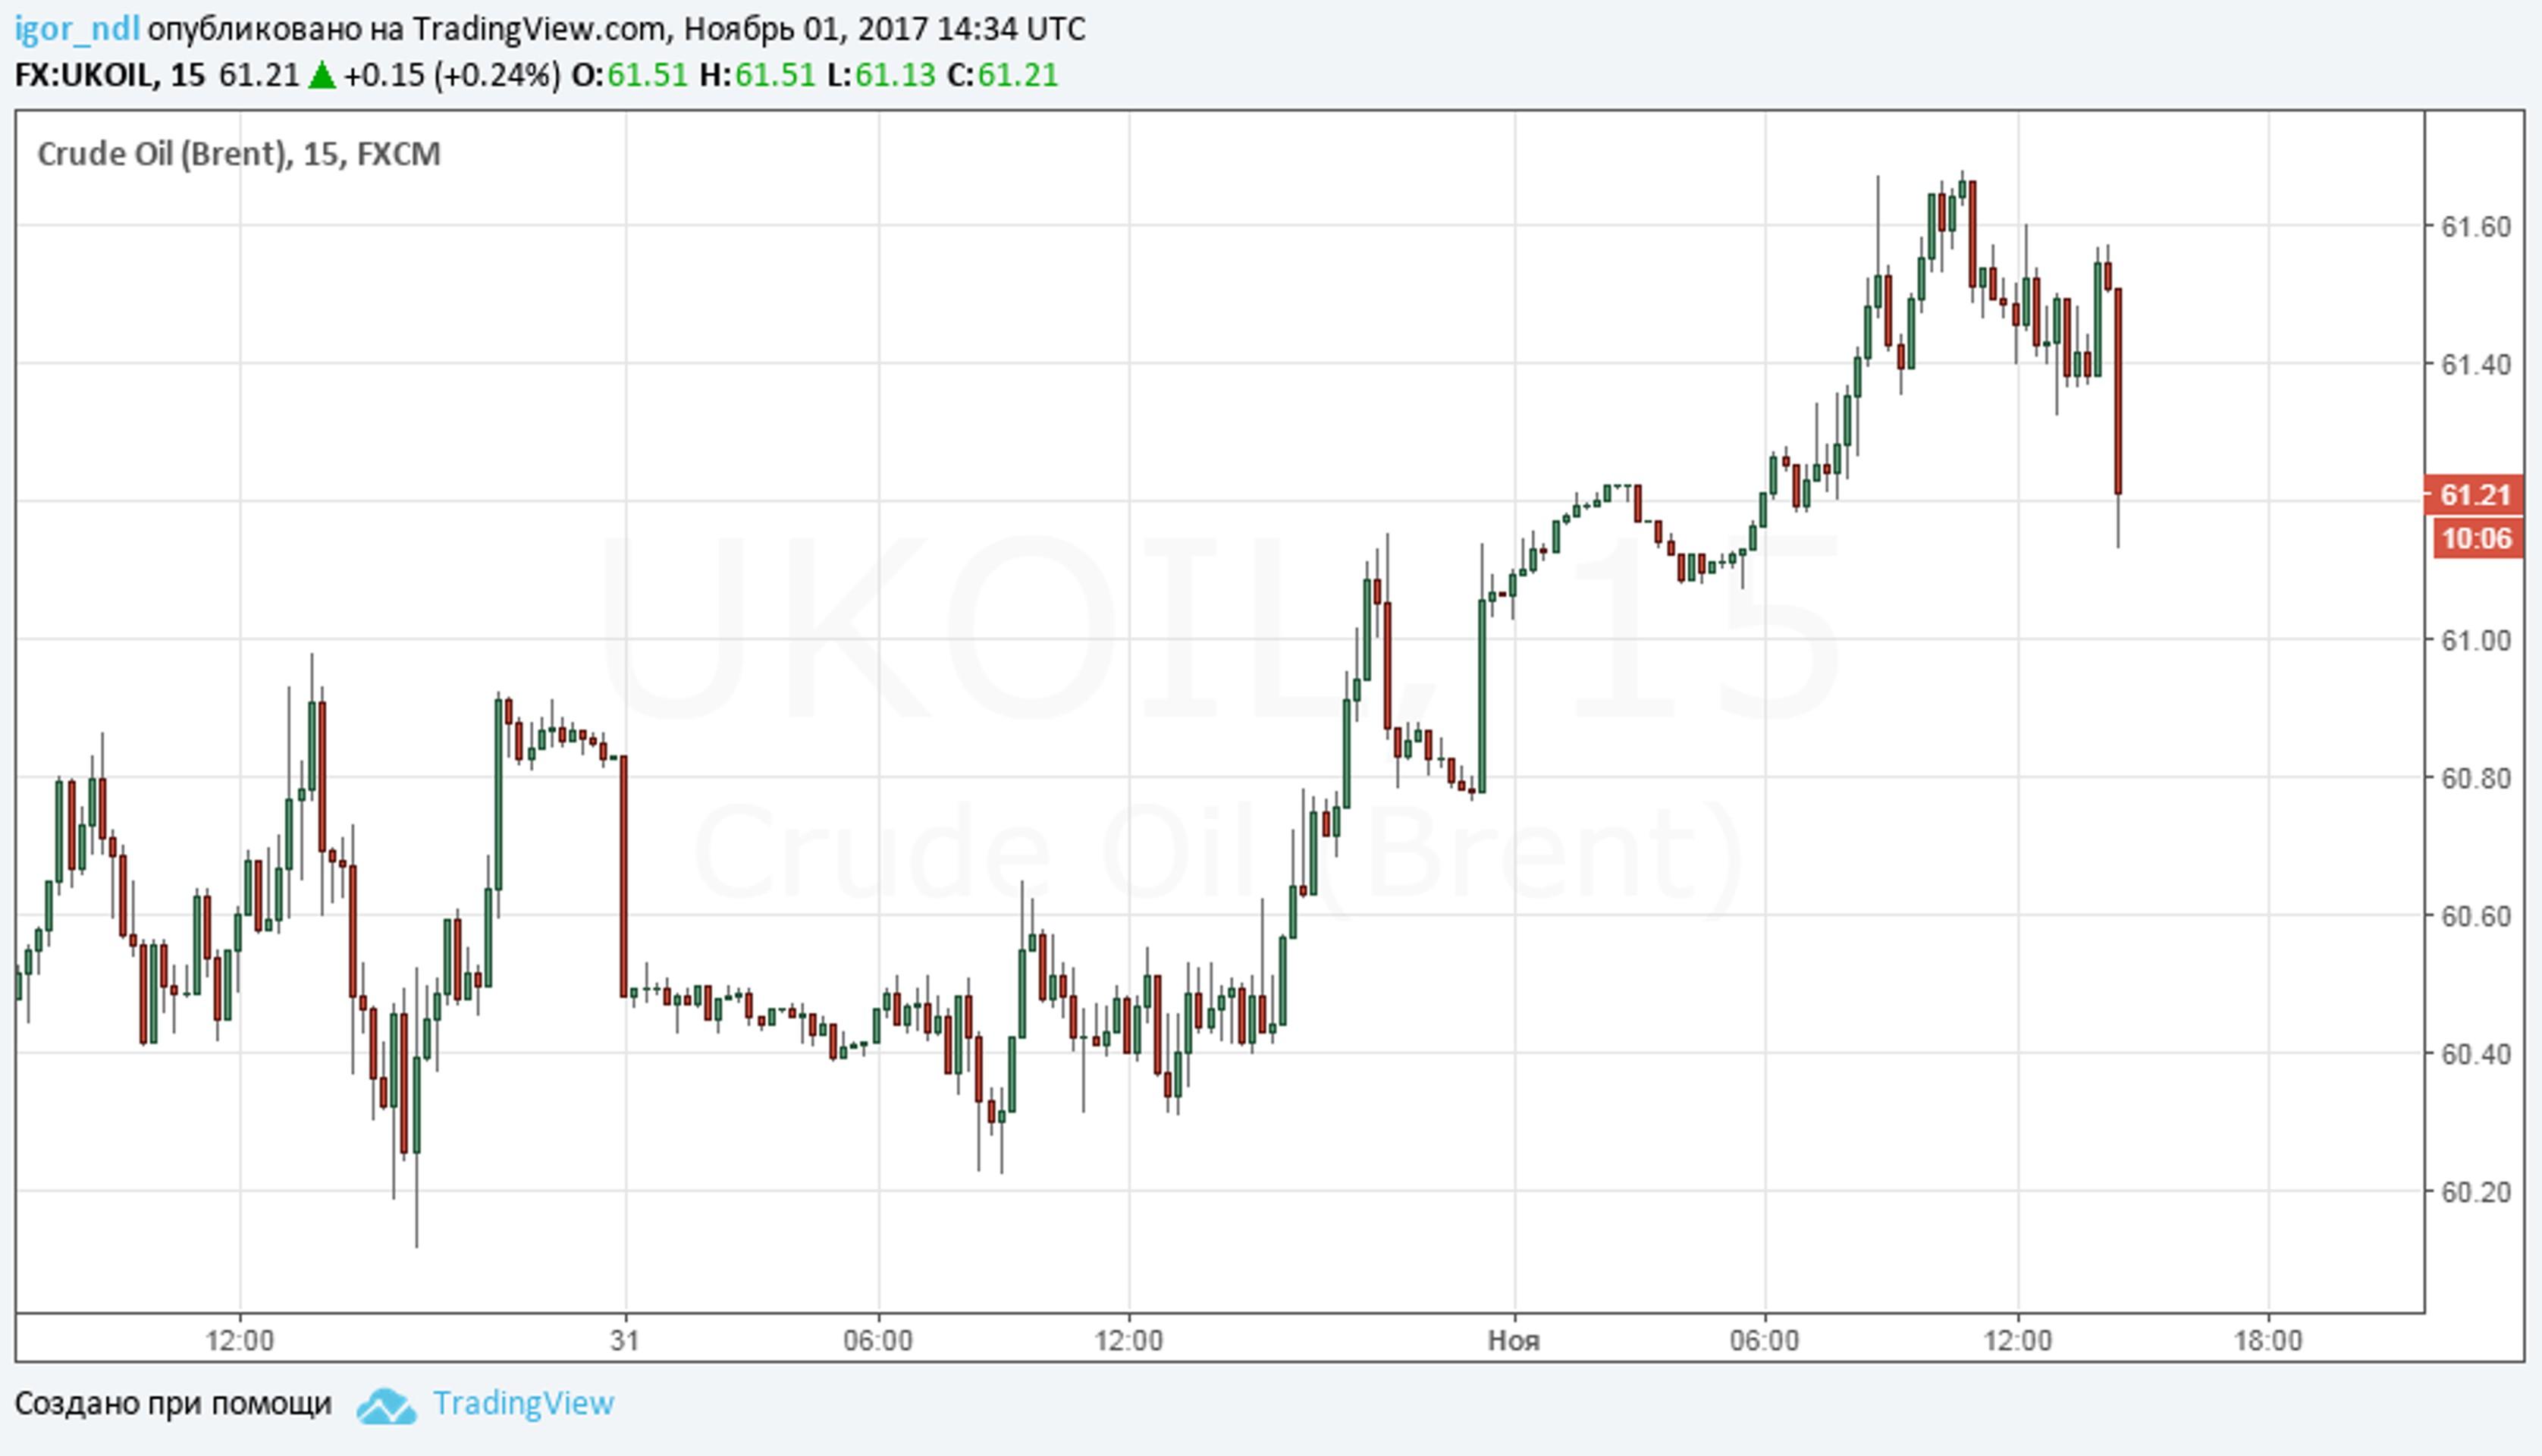 Нефть меняет тренд. Теперь вниз?